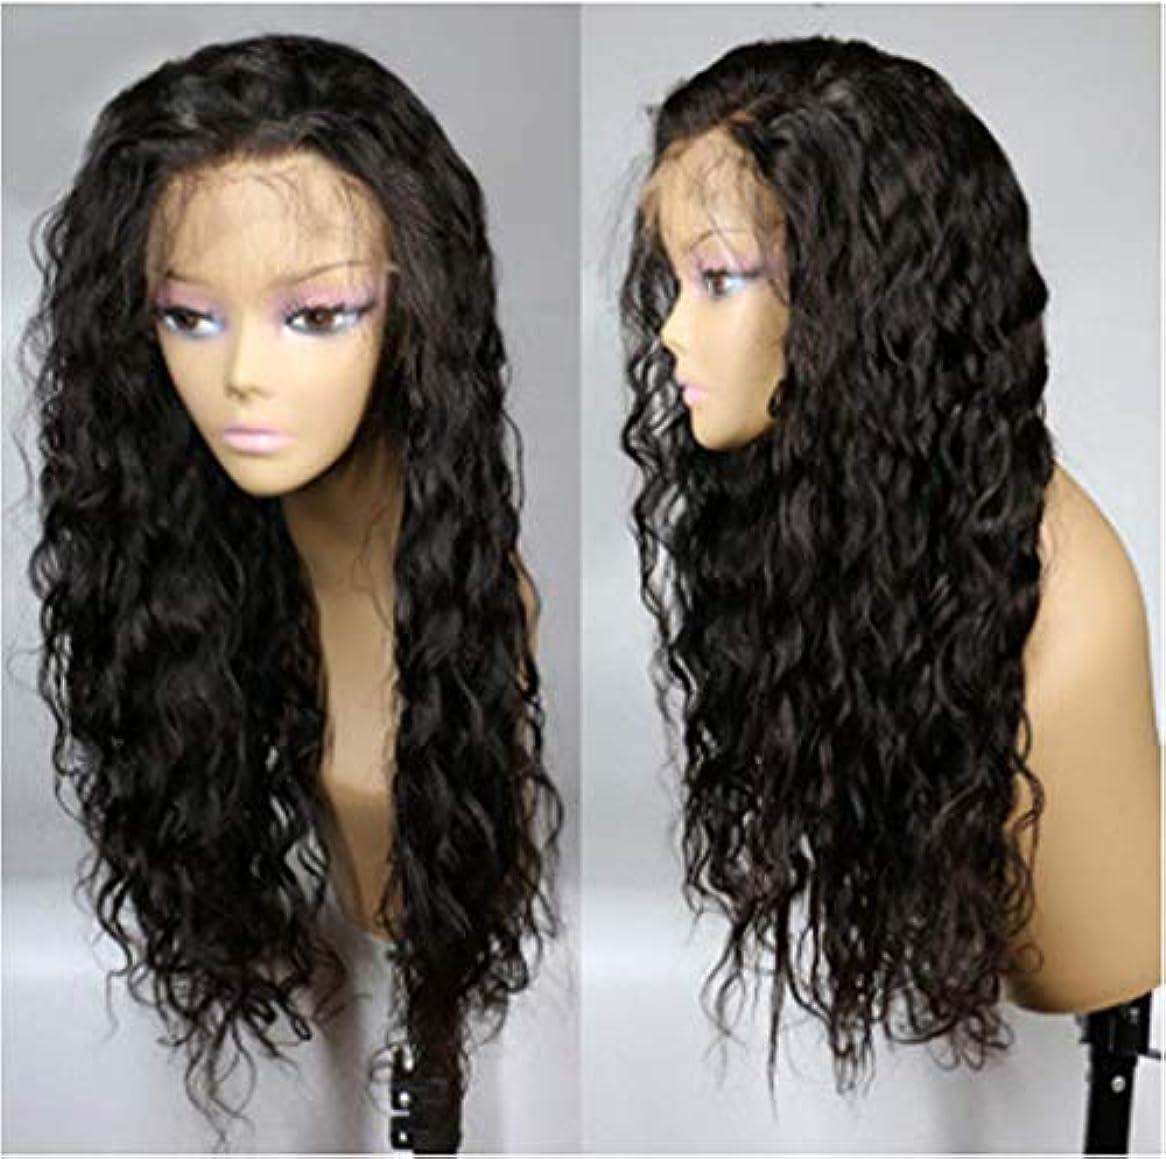 保険感じるグレード女性130%密度フロントレースかつら人間の髪実体波グルーレスブラジルバージン人間の髪の毛のかつらで赤ん坊の毛